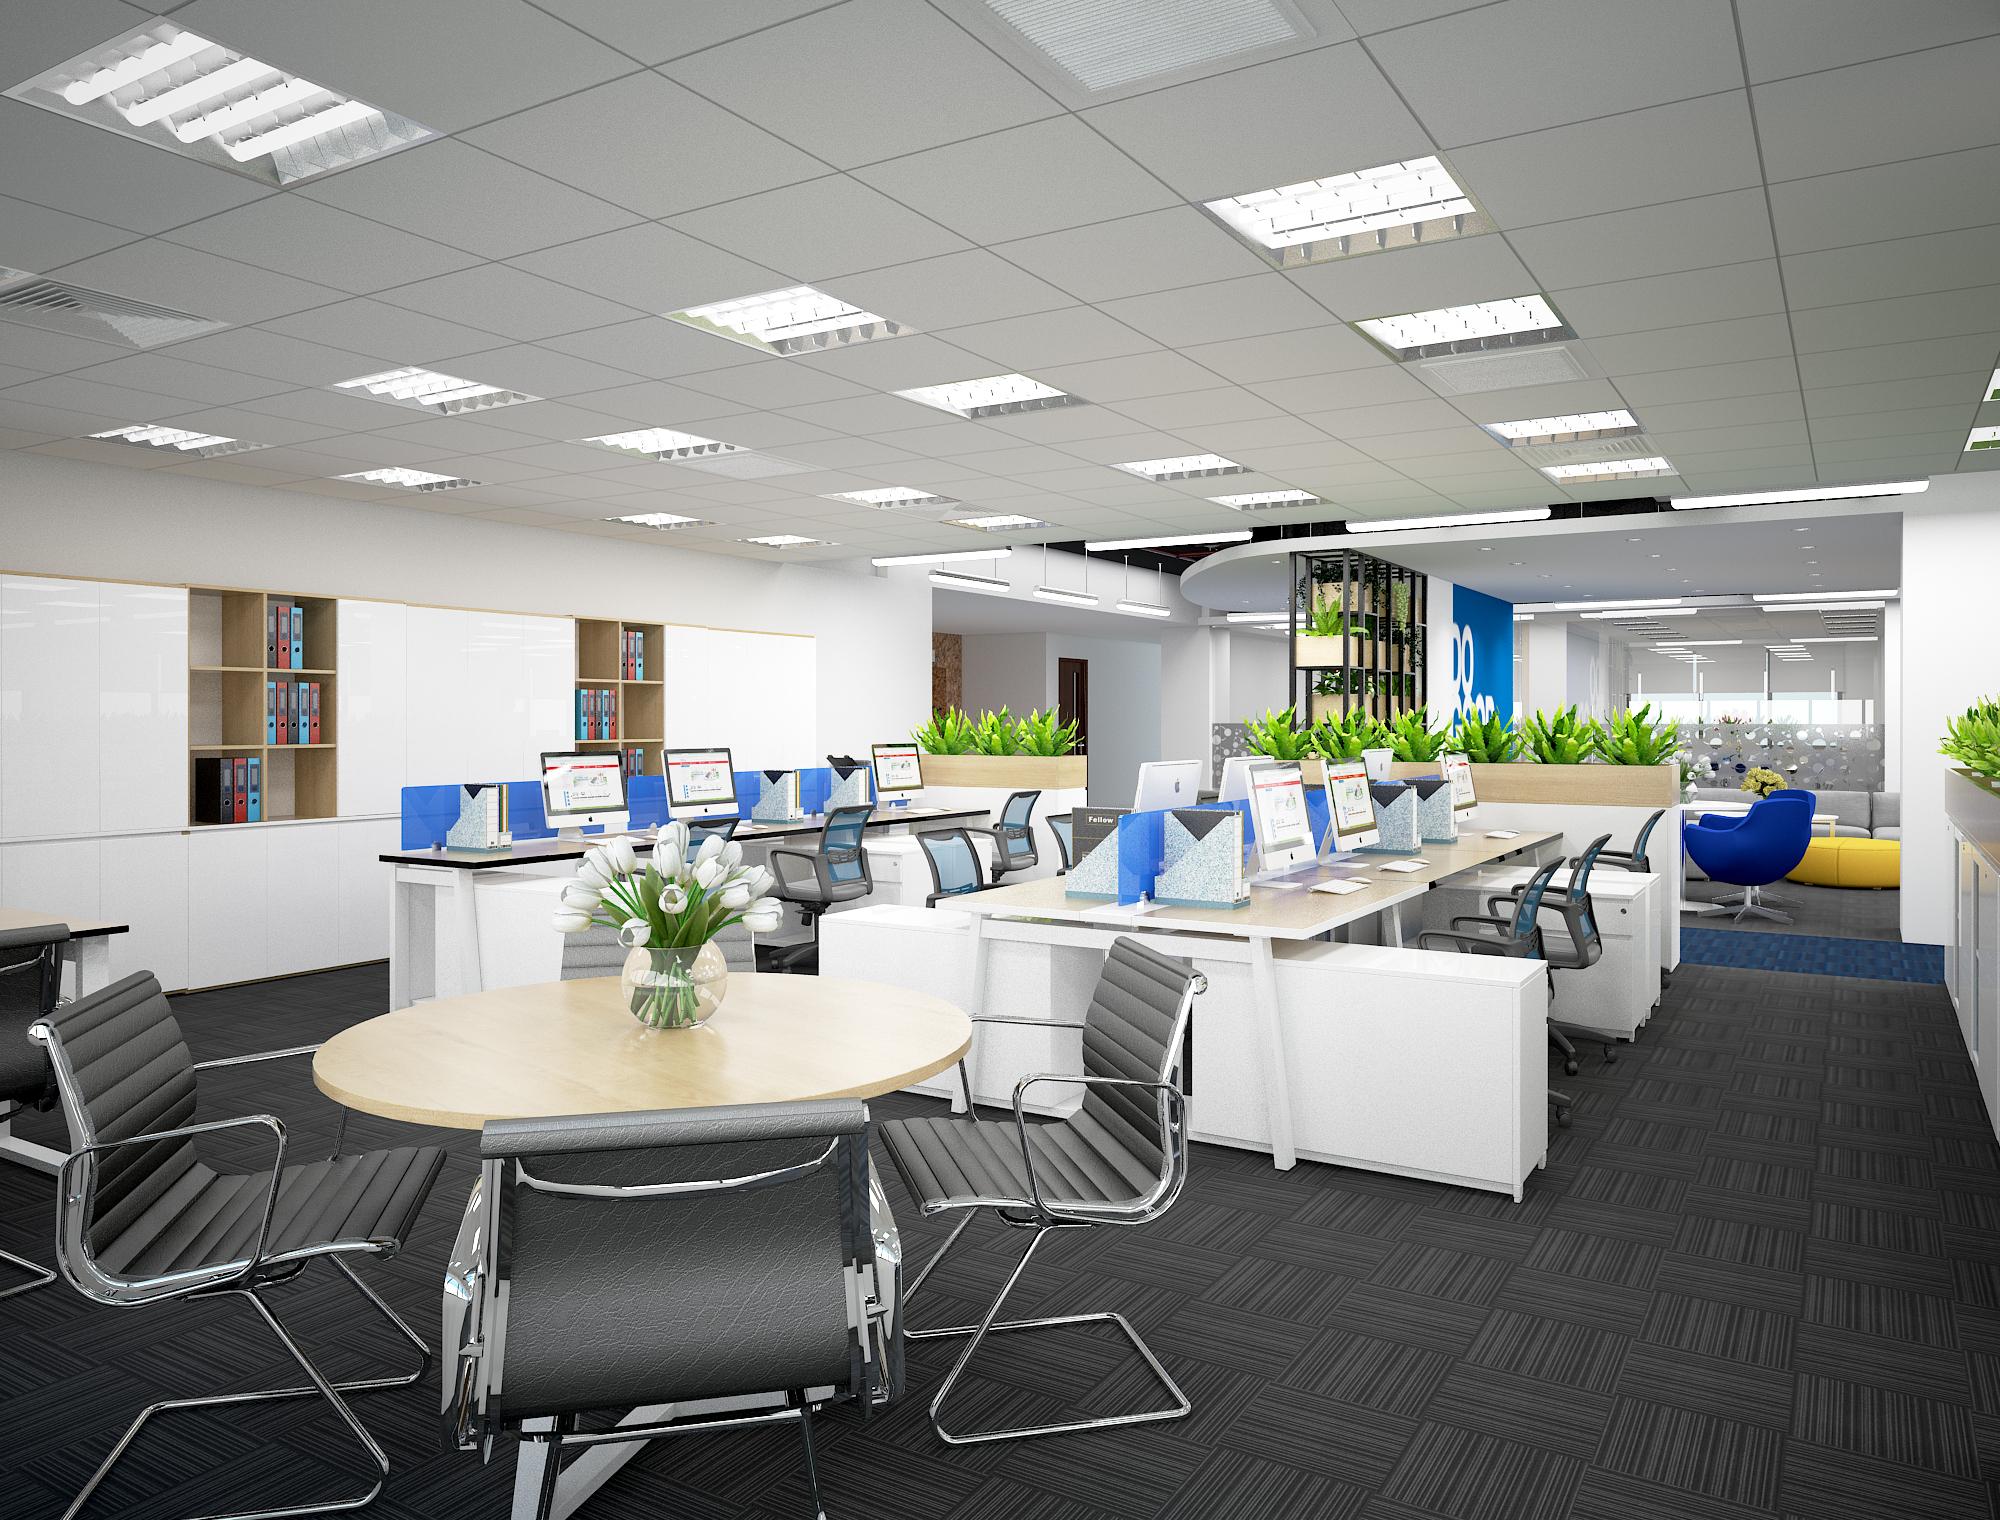 Mẫu thiết kế nội thất văn phòng với nhiều kiểu dáng bàn và ghế làm việc đa dạng